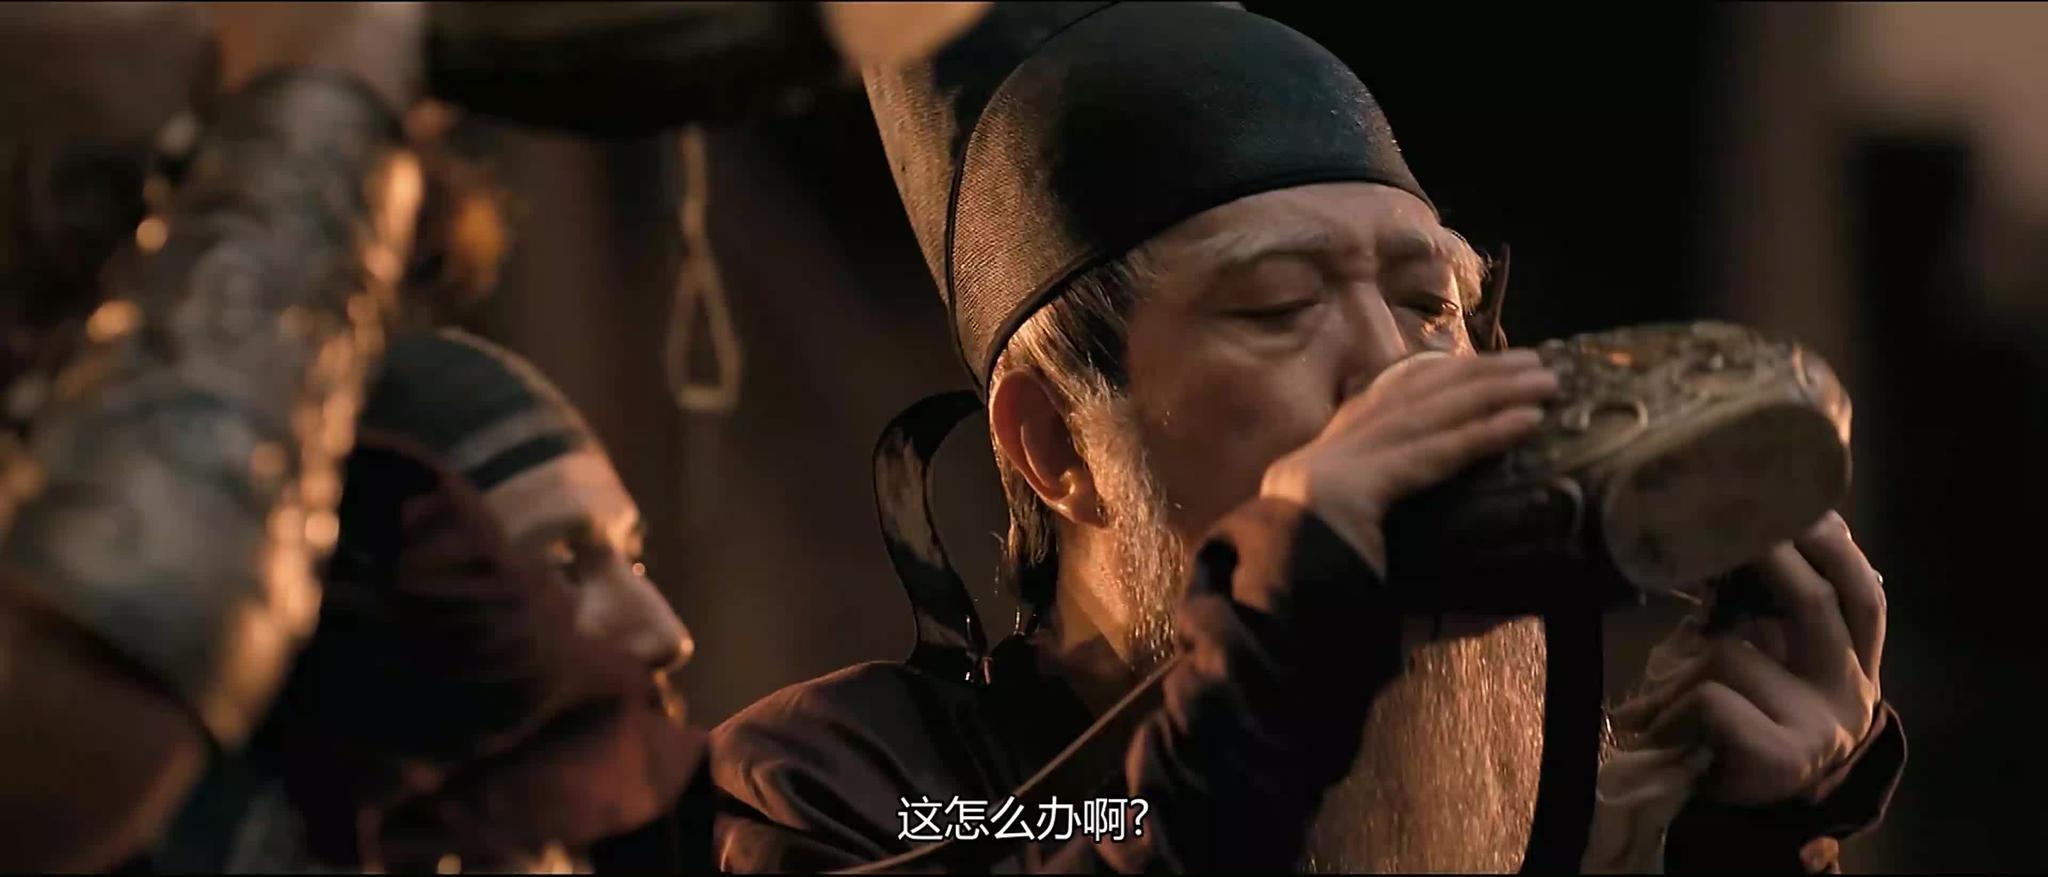 狄仁杰之通天帝国:铜像里面麻雀虽小五脏俱全,平安符这么关键?